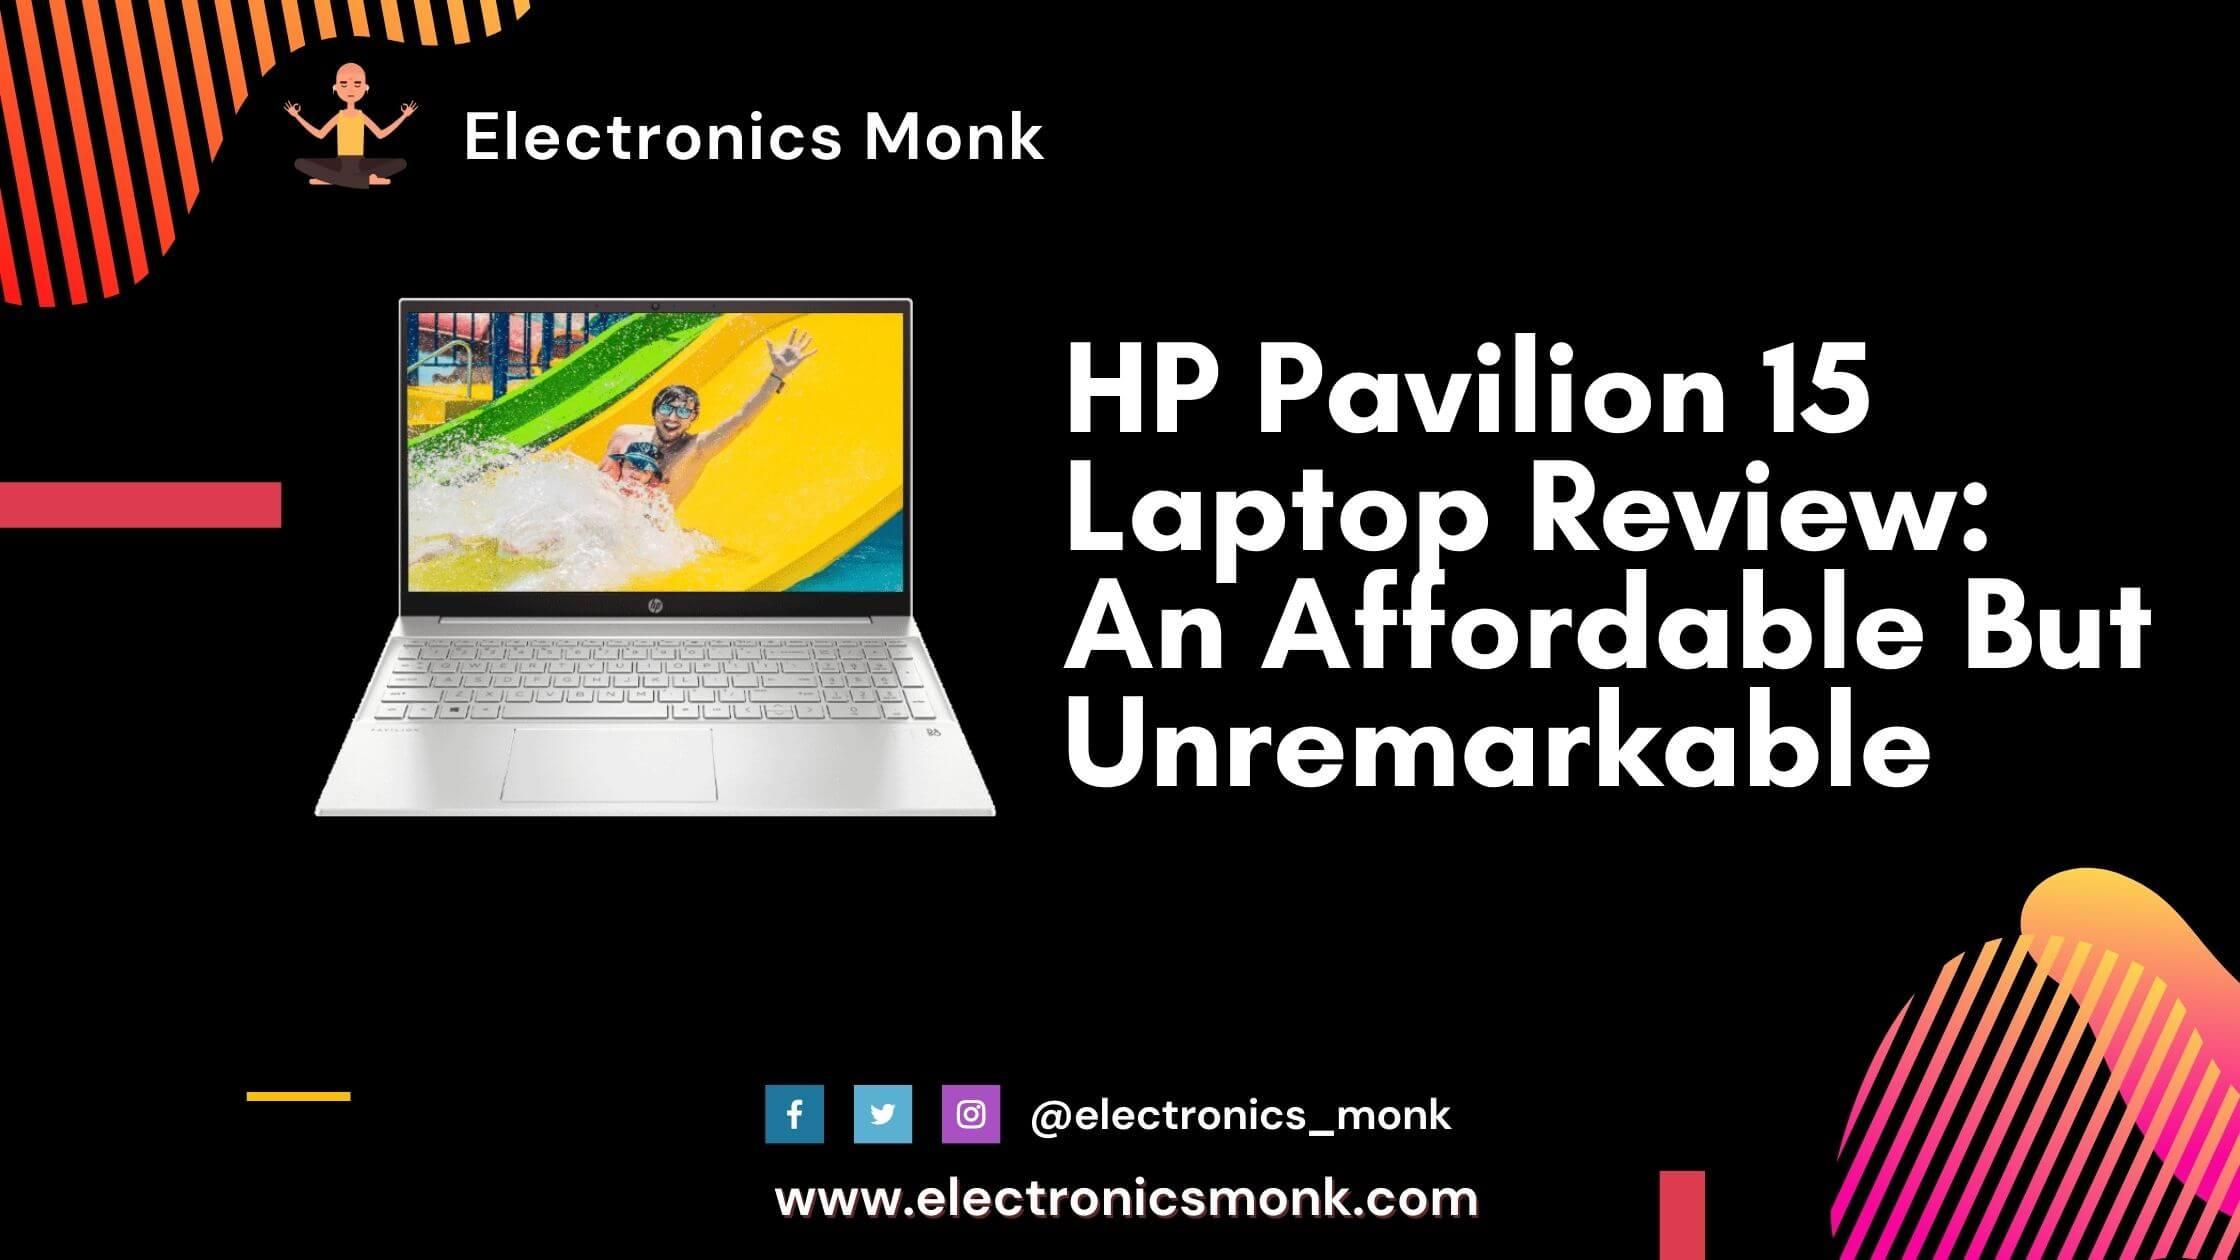 HP Pavilion 15 Laptop Review: An affordable but unremarkable